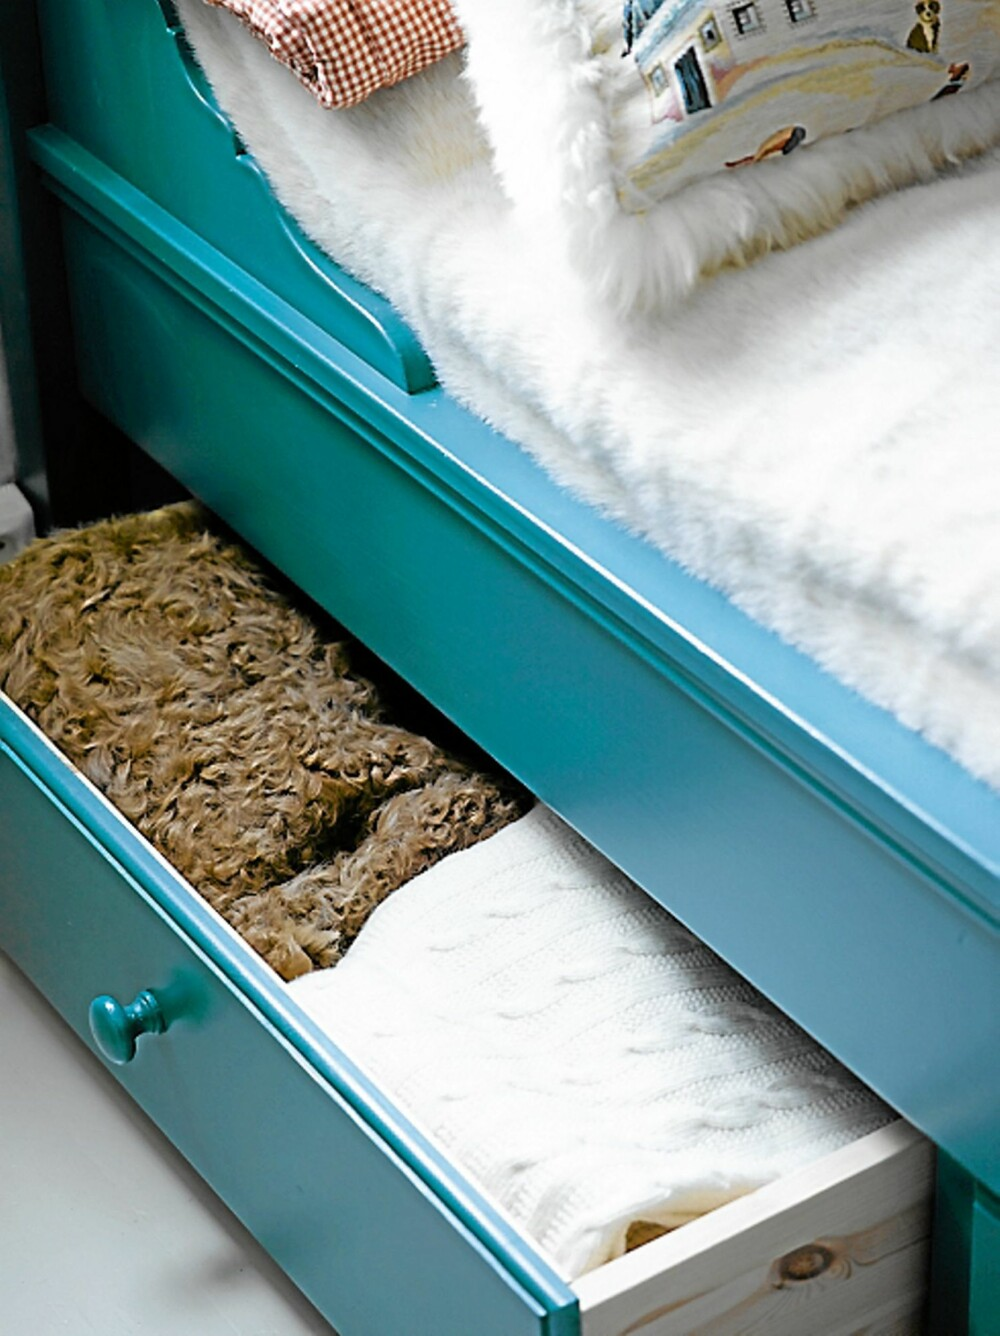 OPPBEVARING: Sengen på barneværelset har praktiske oppbevaringsskuffer til sengetøy og klær.